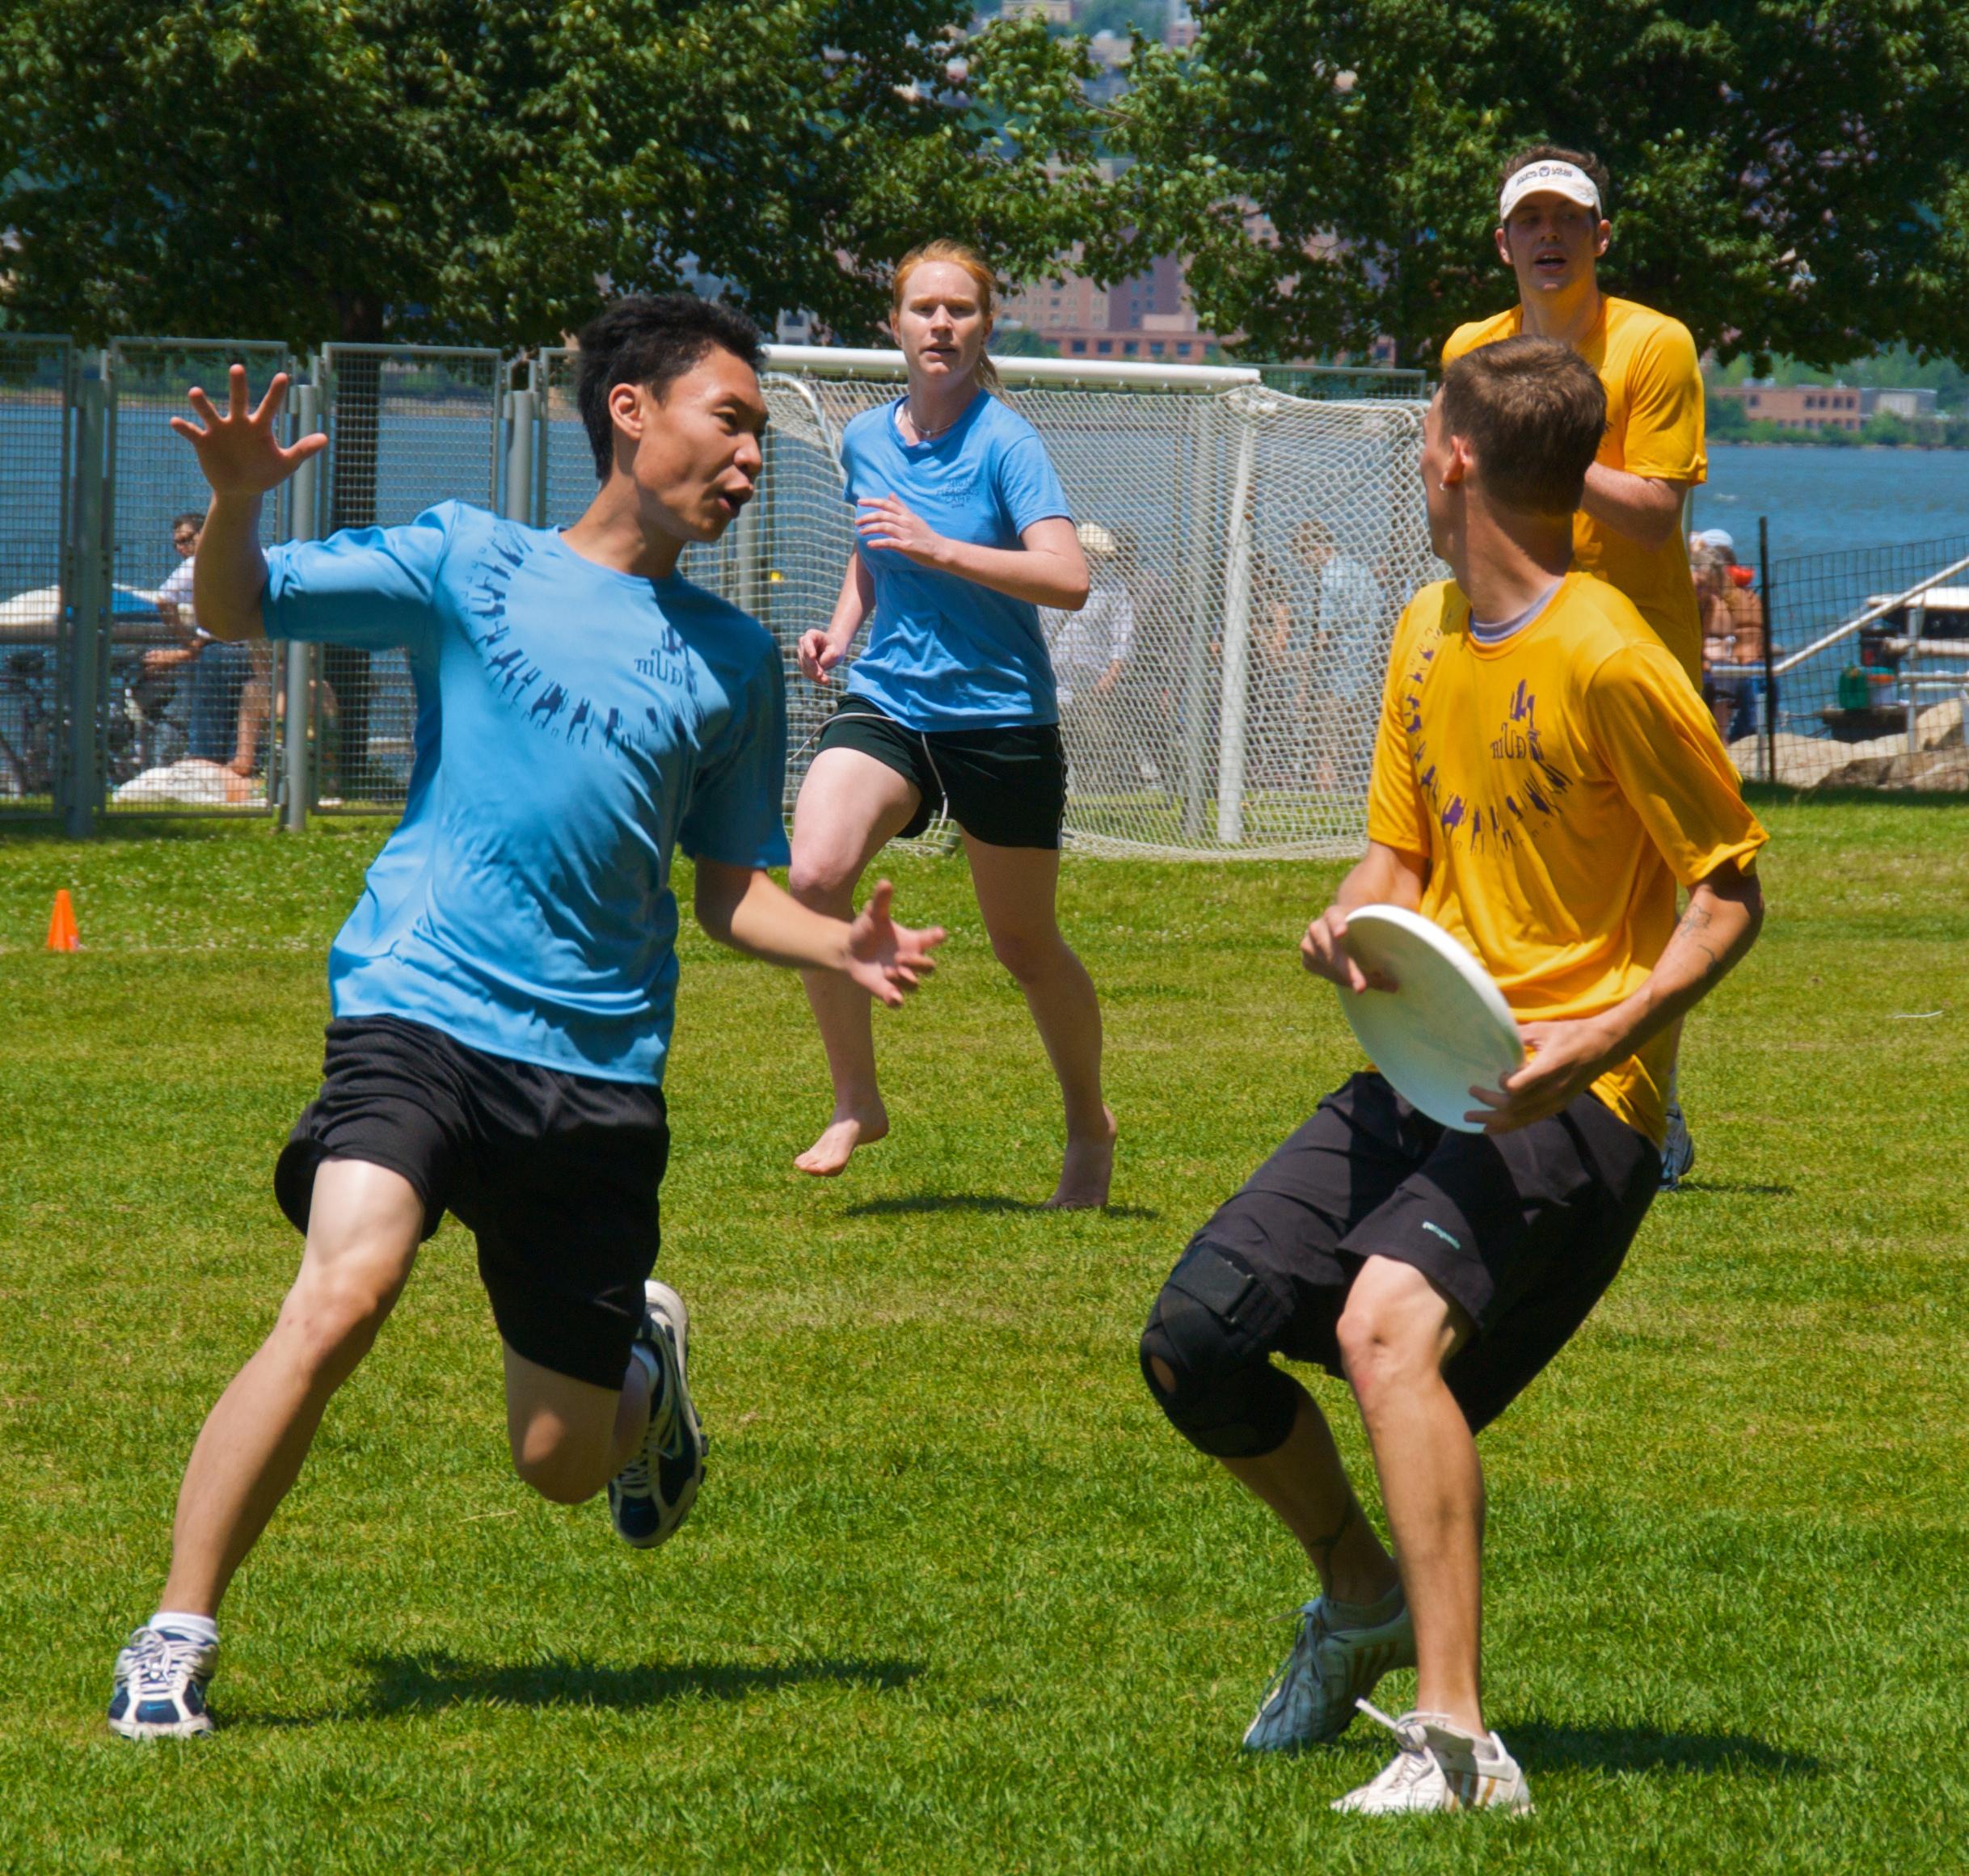 File:Ultimate frisbee, Jul 2009 - 28.jpg - Wikimedia Commons